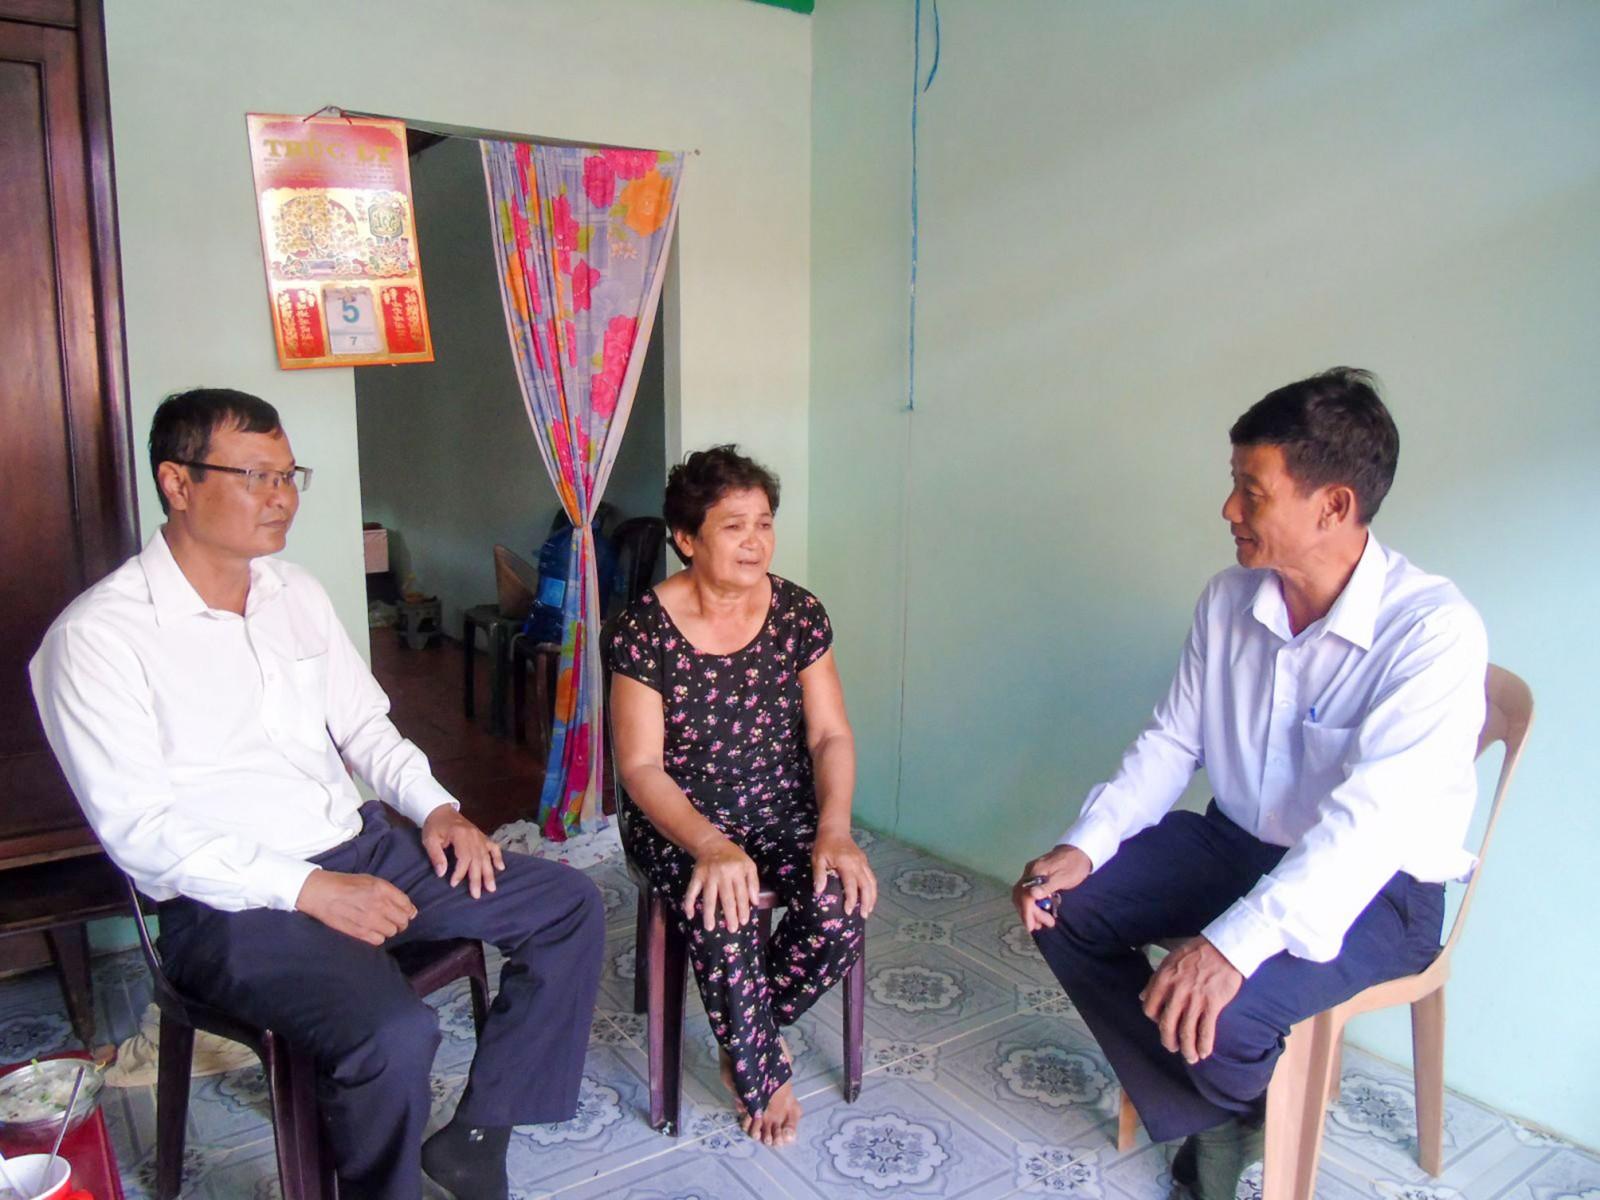 Cán bộ quận Ô Môn (bên trái) và phường Châu Văn Liêm (bên phải) thăm hỏi đời sống bà con dân tộc thiểu số.